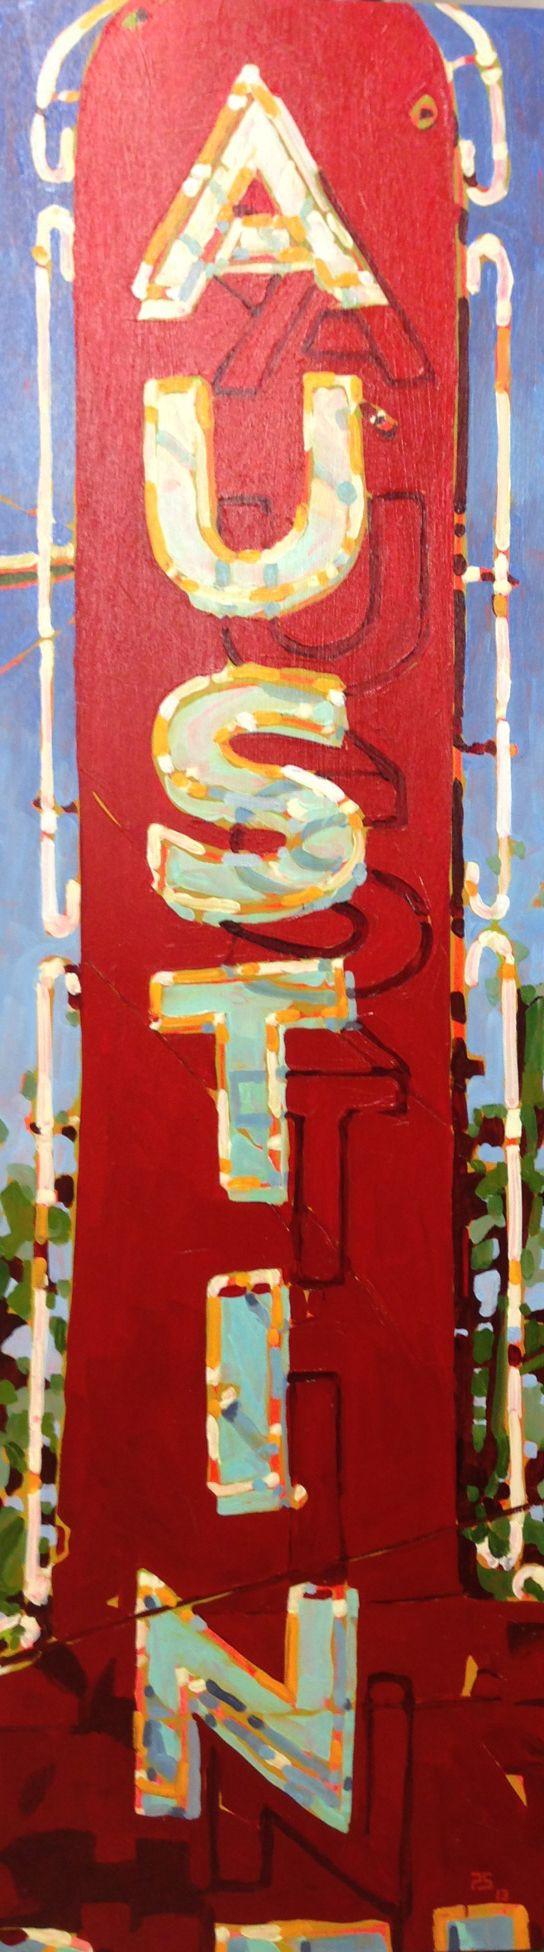 Paul Stankiewicz - Austin Motel Medium - MEDIUM: Original Oil on Board SIZE: 41 x 12